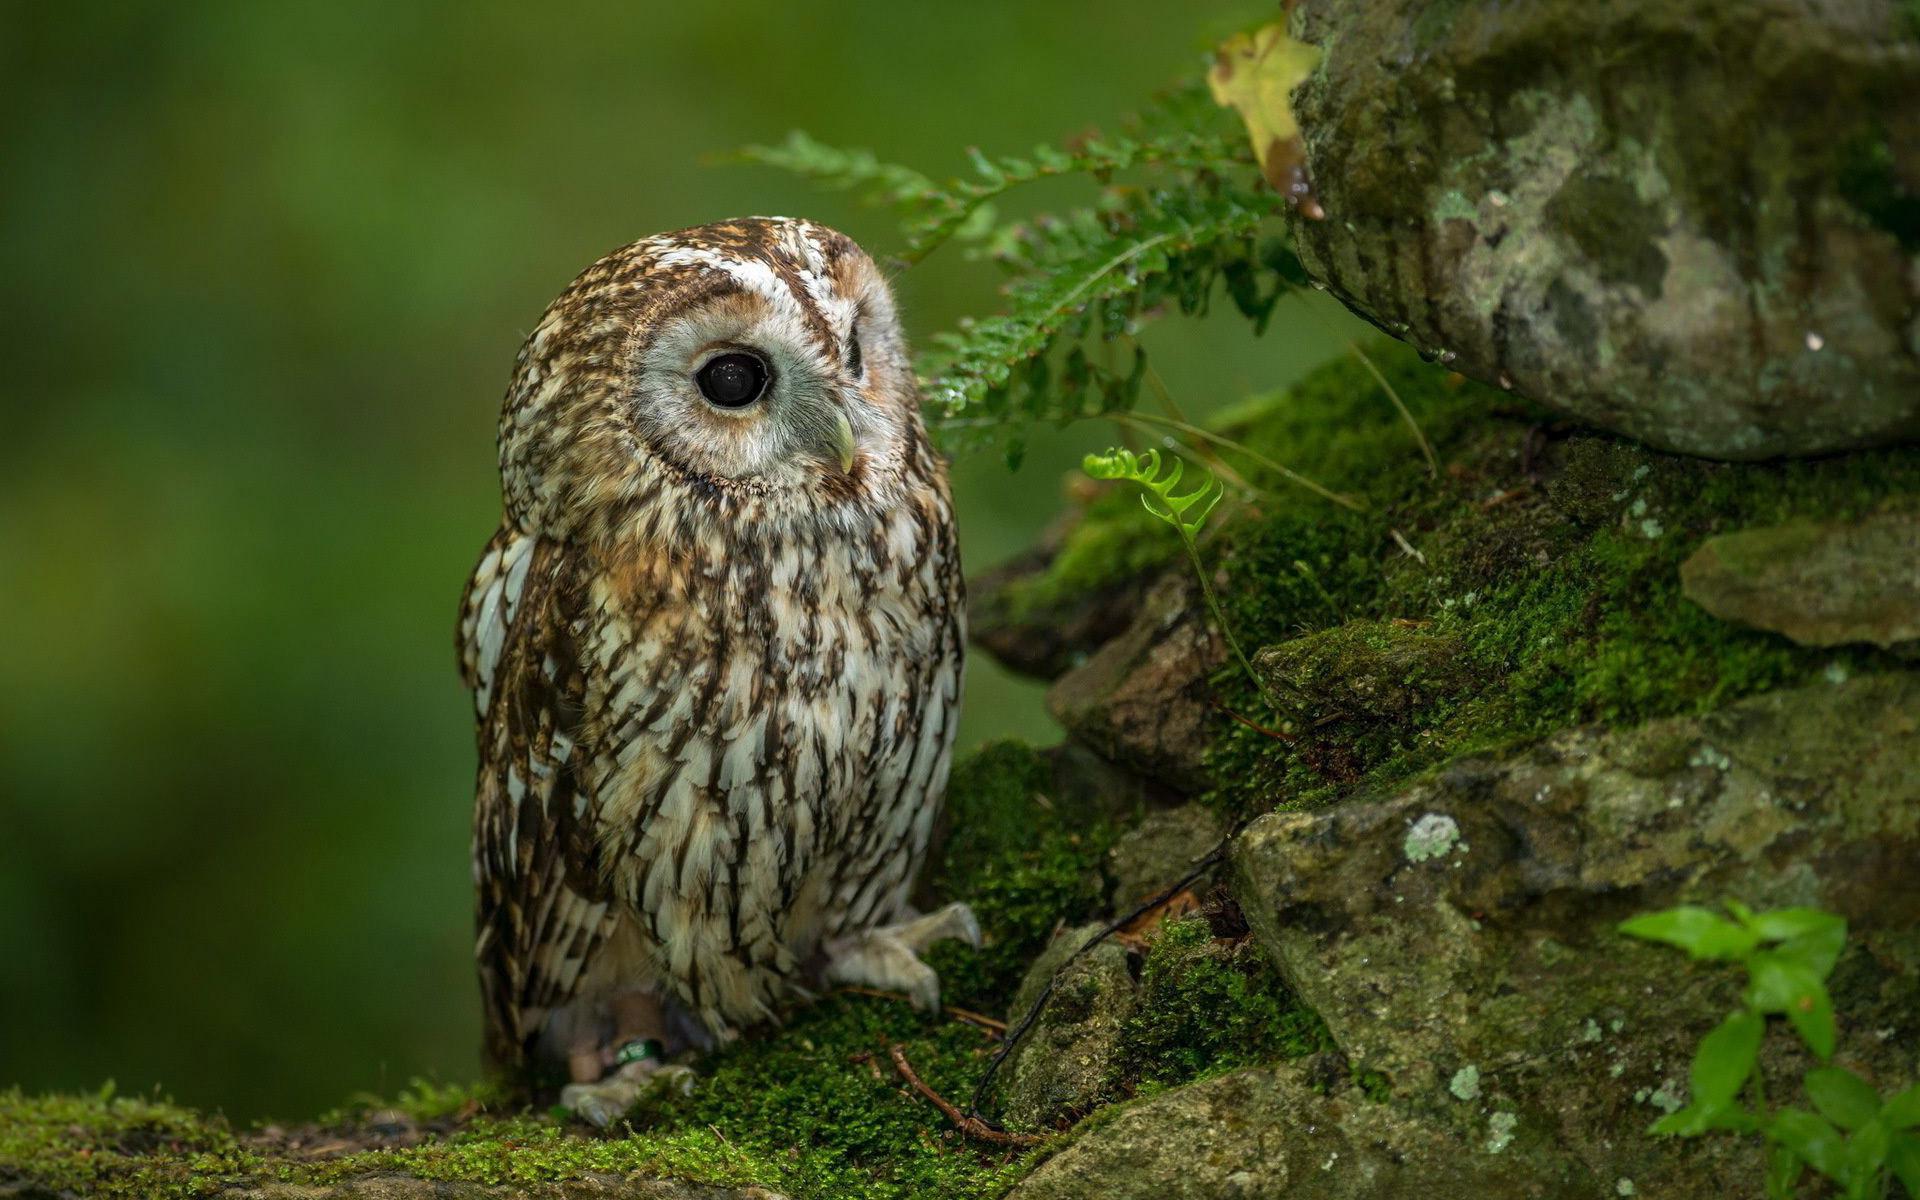 Res: 1920x1200, Cute owl HD Wallpaper 1920x1080 Cute owl HD Wallpaper